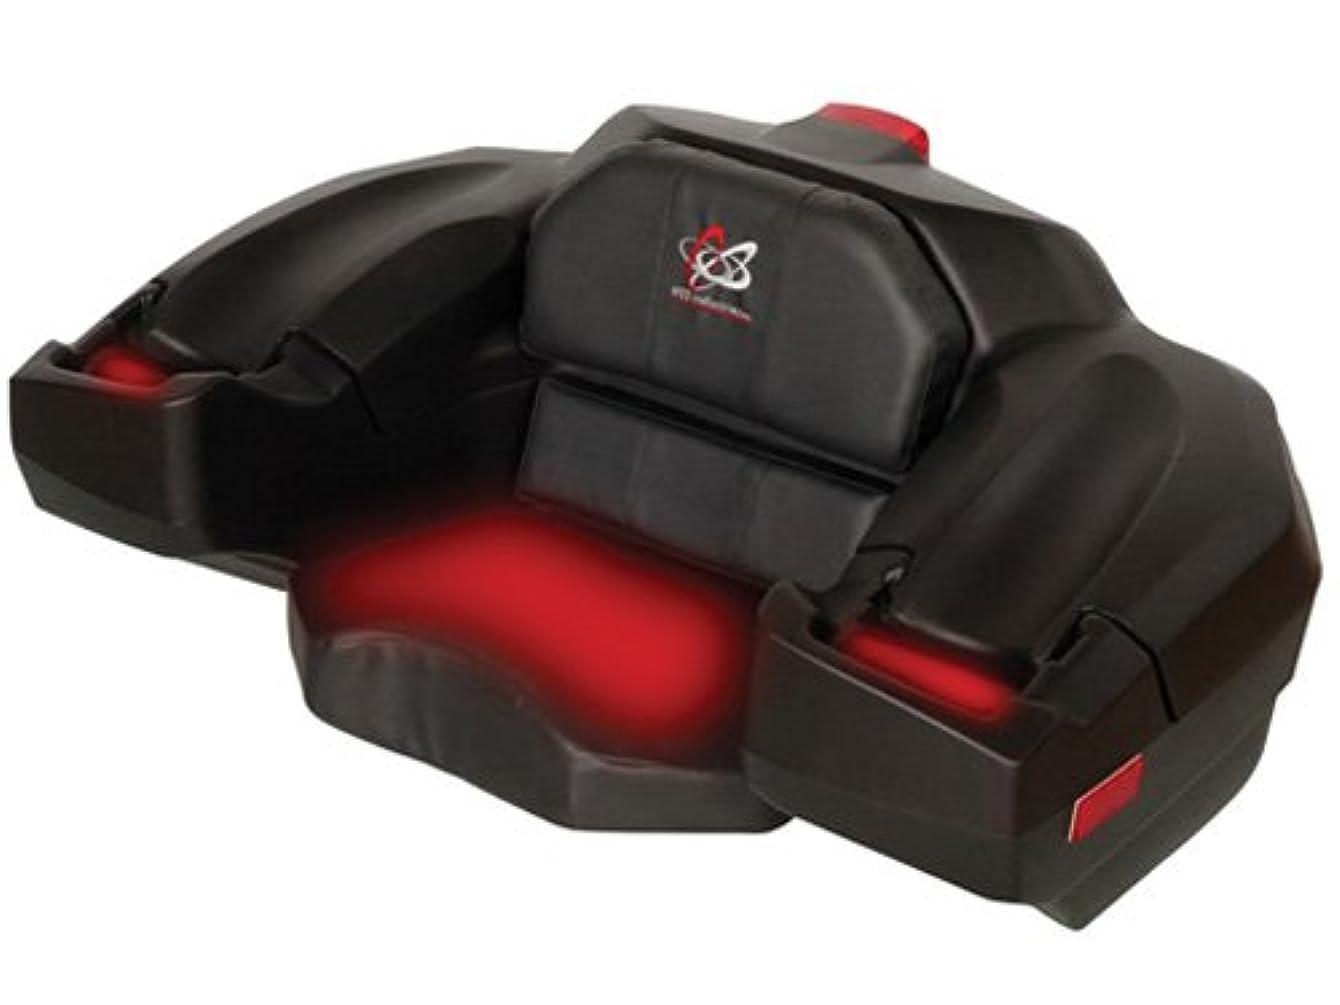 ベリープット明示的にWes Products Industries Classic De Luxe Plus ATVシート。